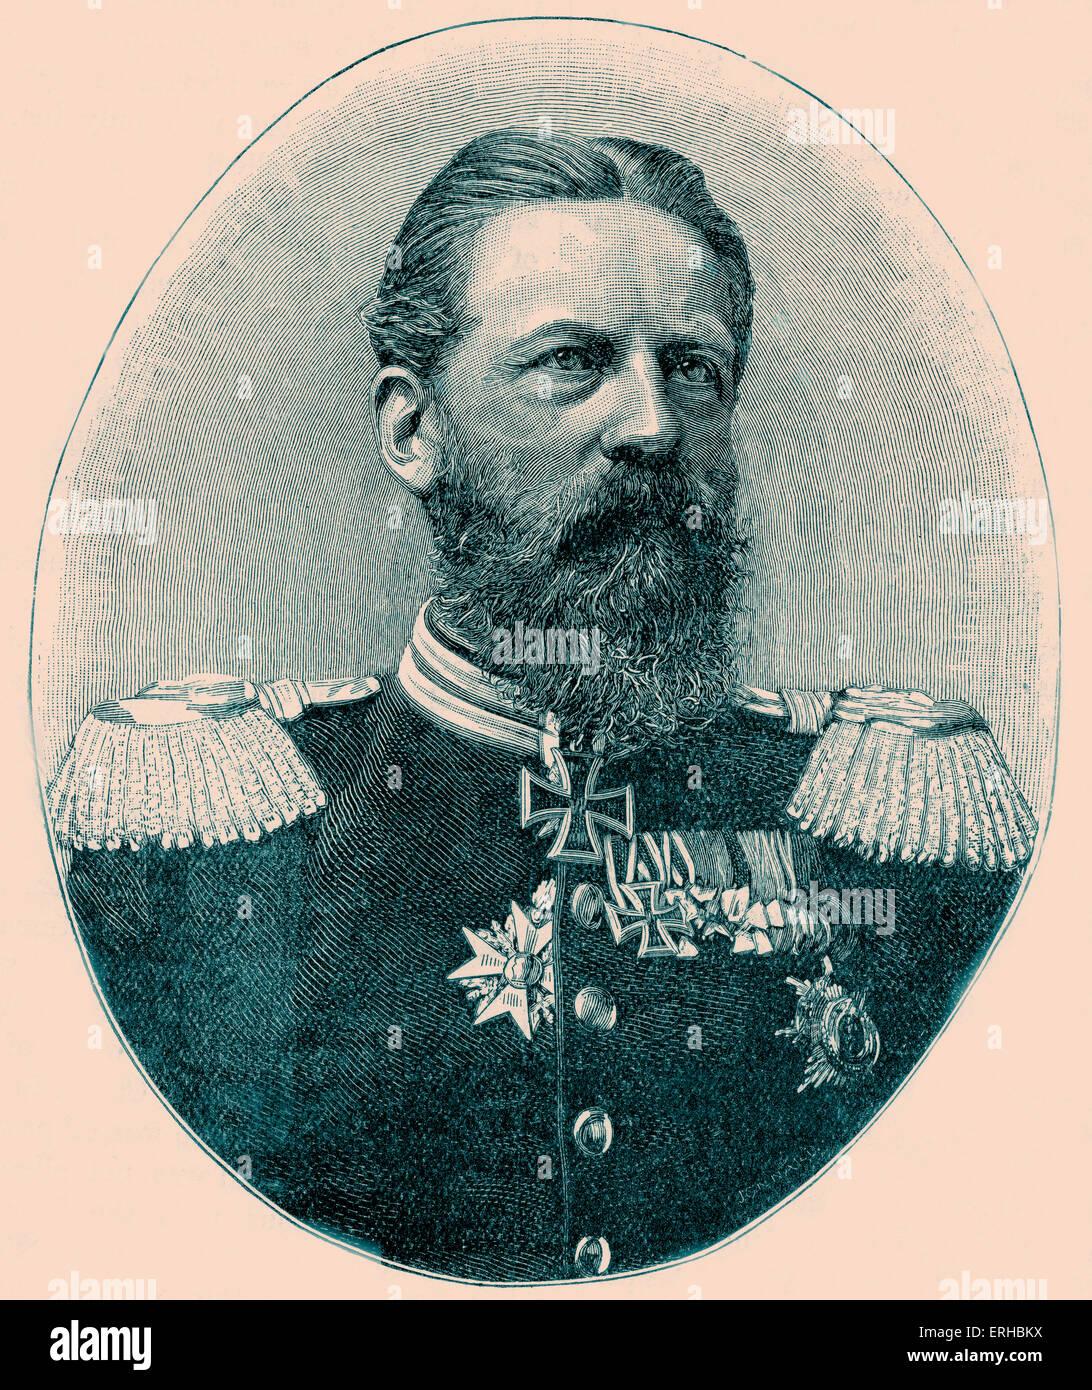 Emperor Frederick III / Friedrich Wilhelm Nikolaus Karl / Fritz (8 October 1831 – 15 June 1888).  German Emperor - Stock Image